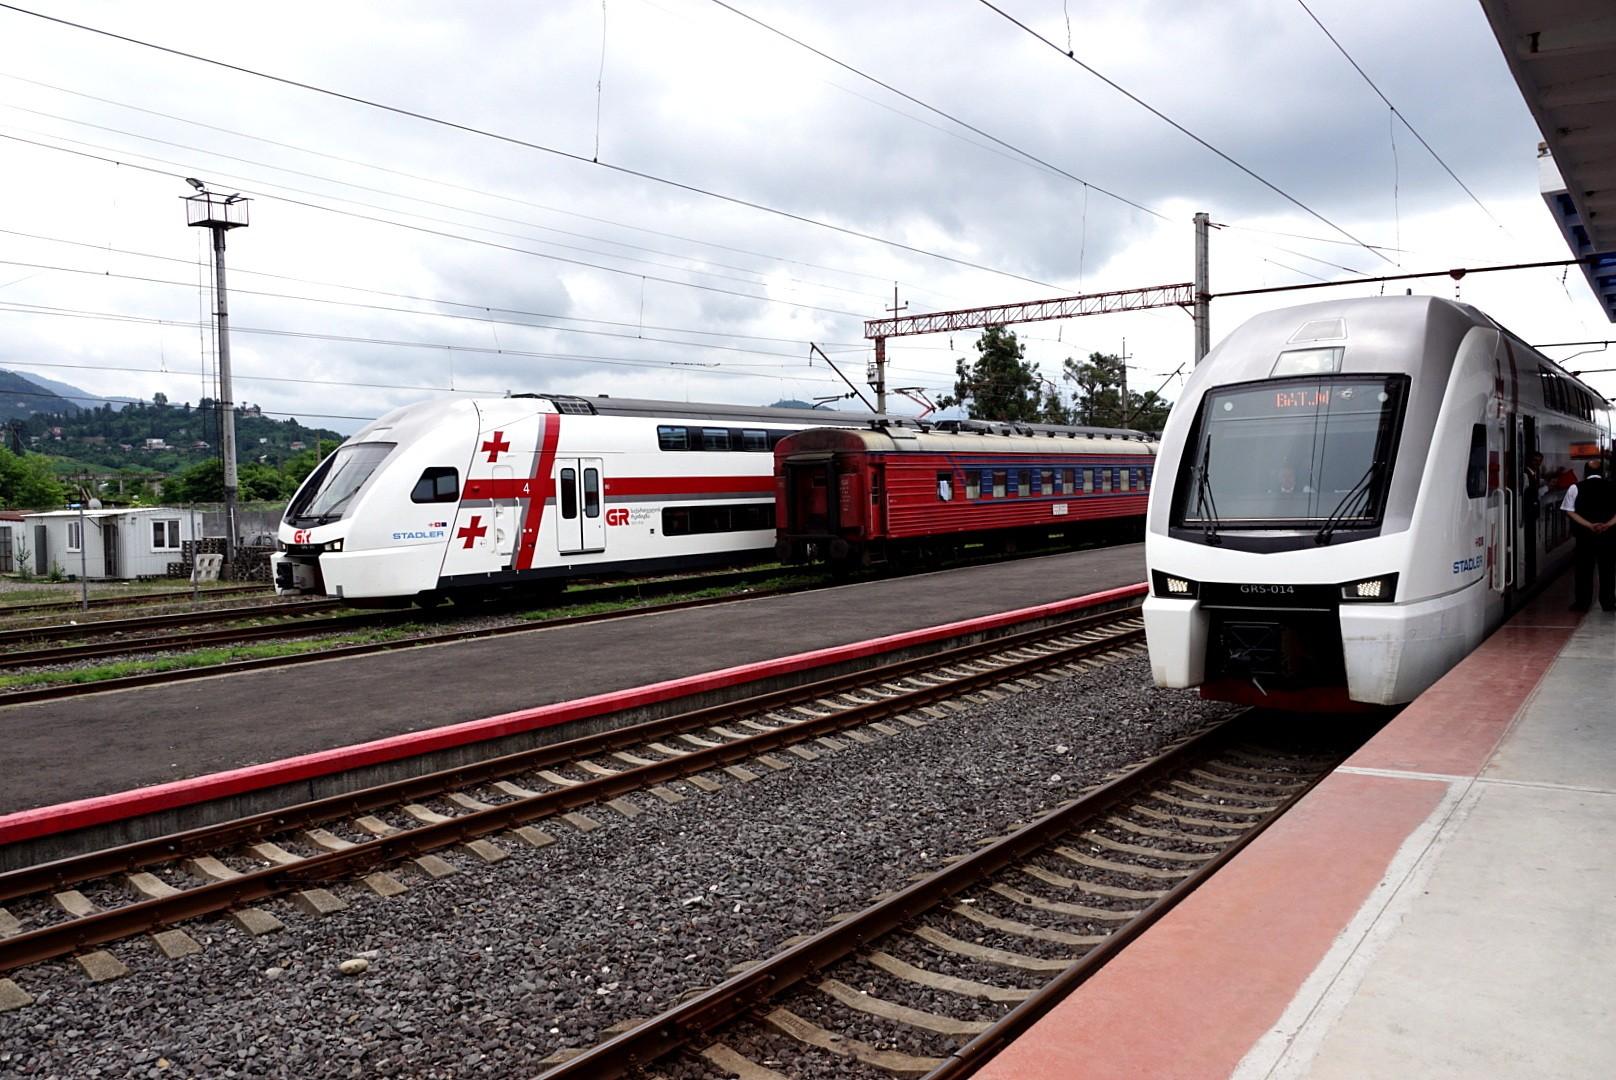 Tak wyglądają nowoczesne pociągi kursujące w relacji Tbilisi-Batumi-Tbilisi